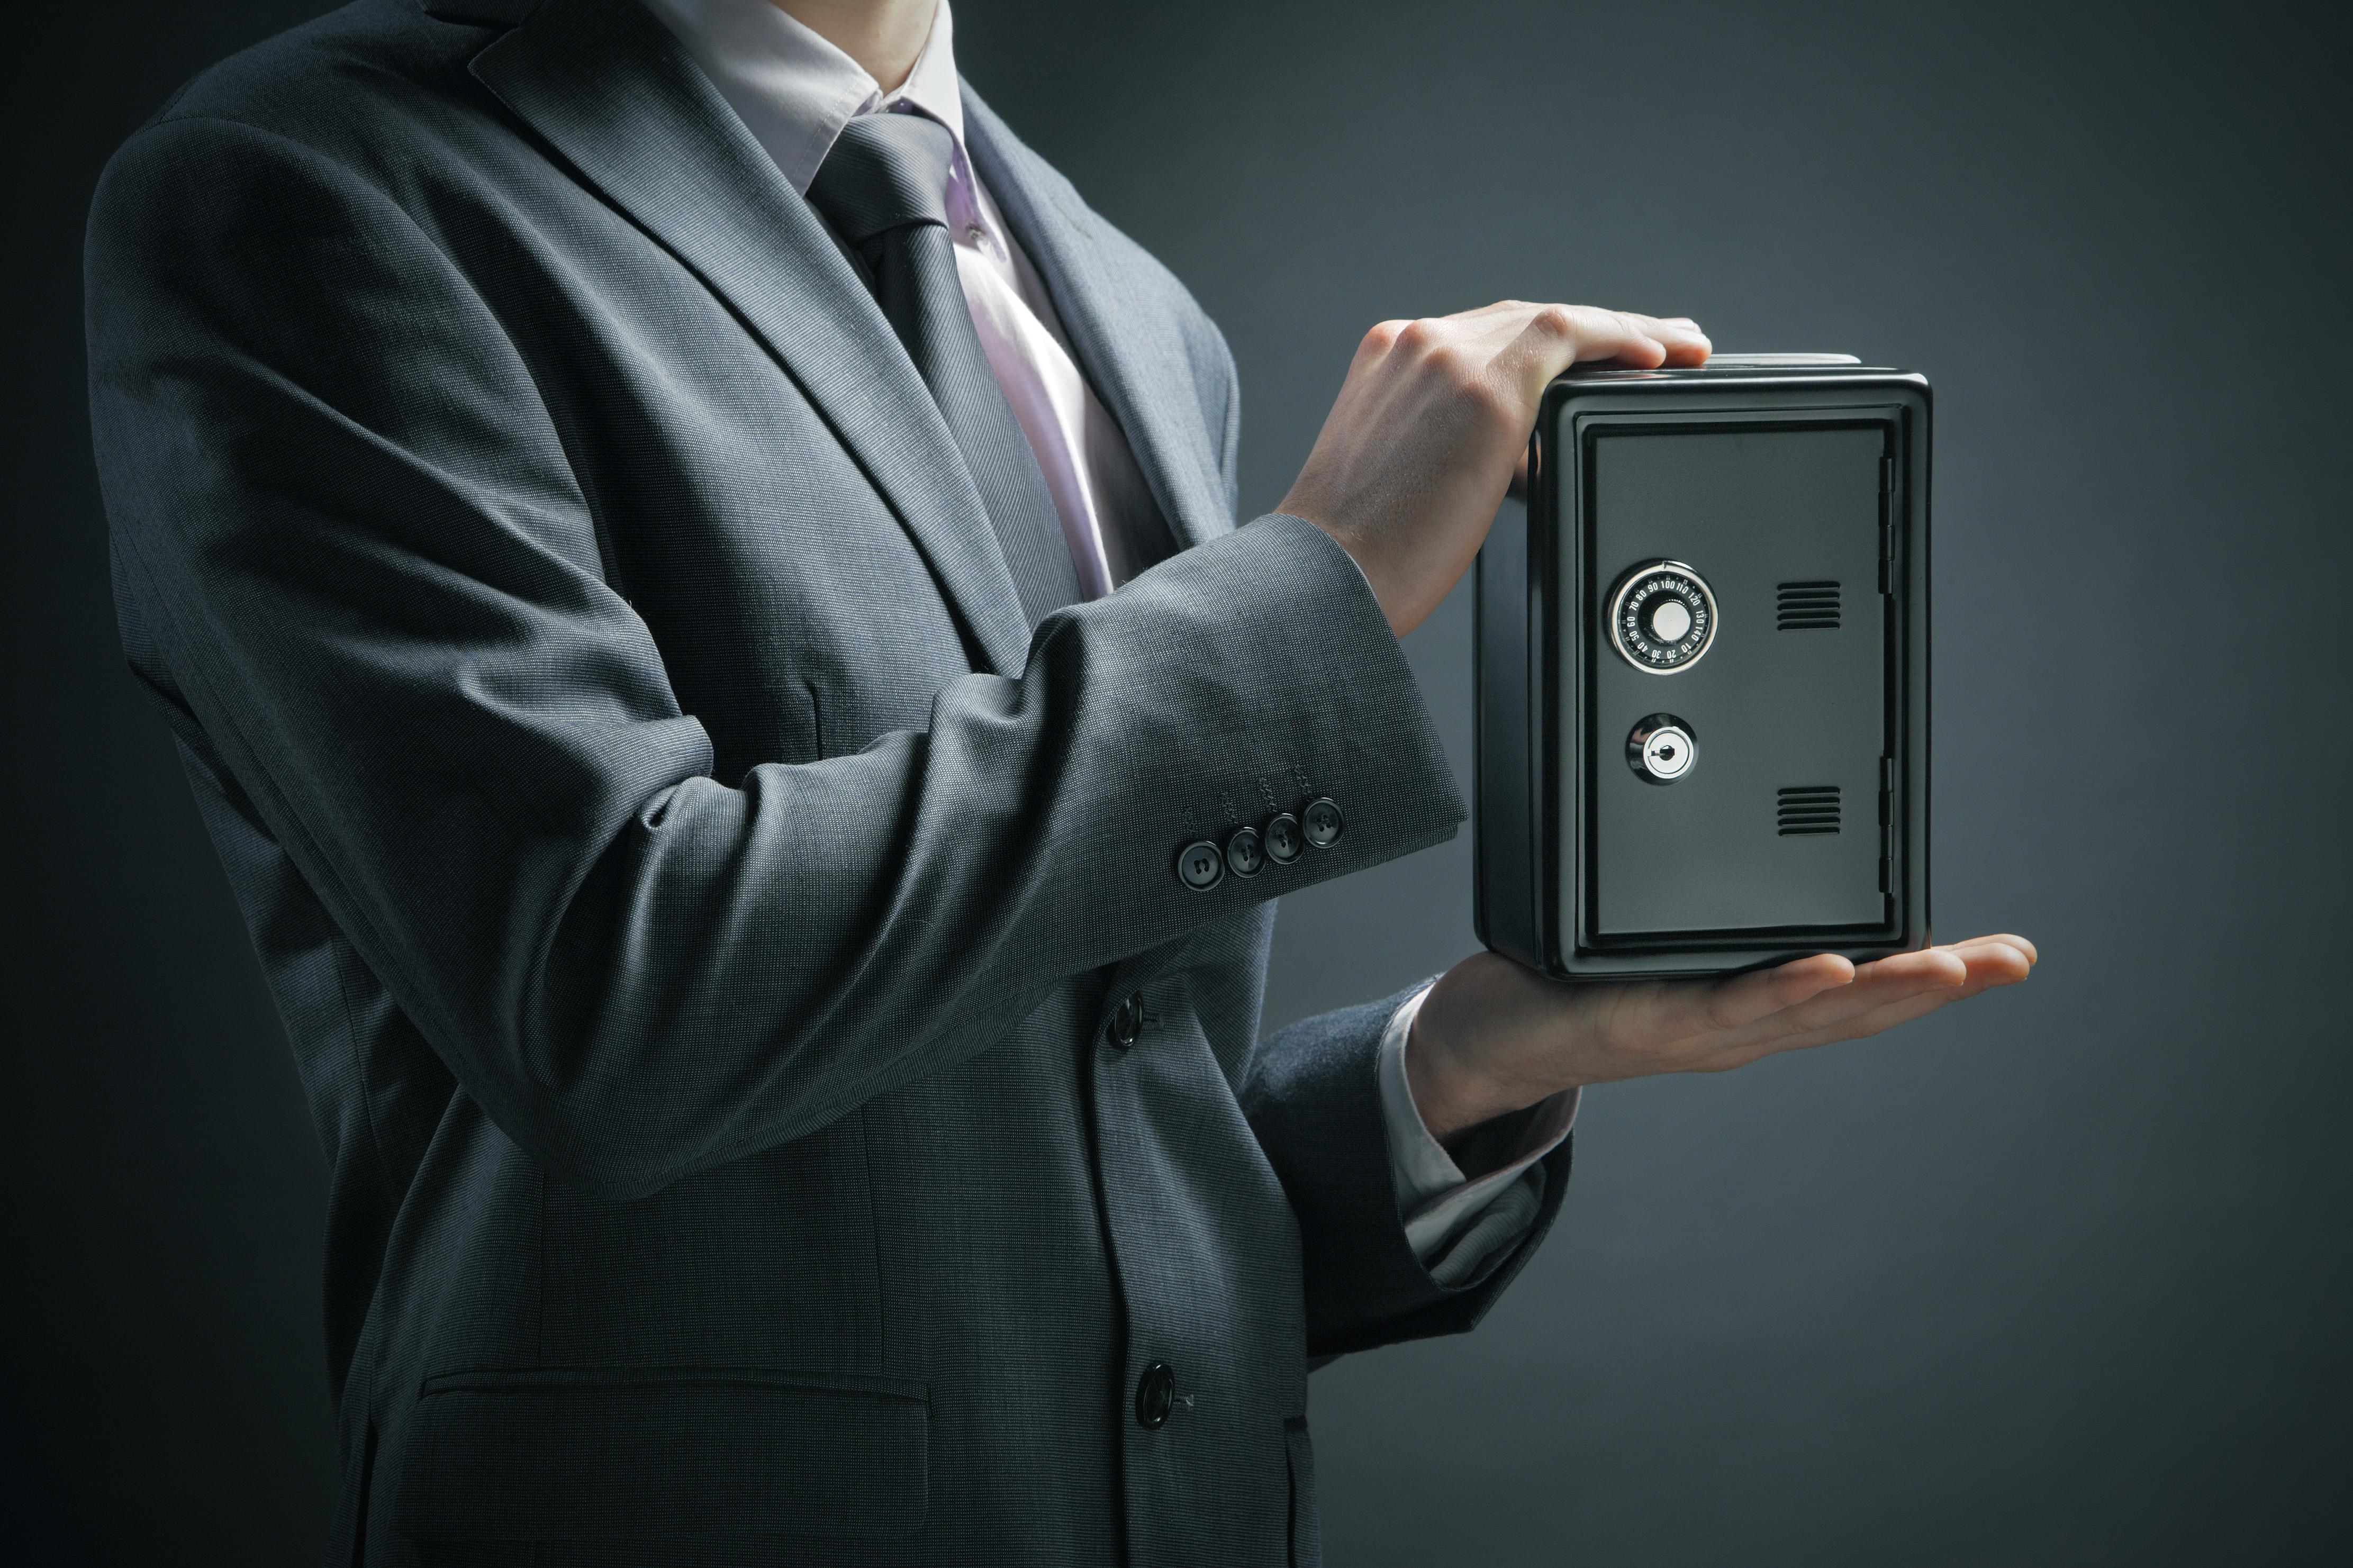 Распознавание лиц, комплексная безопасность и технические средства защиты в банковской сфере